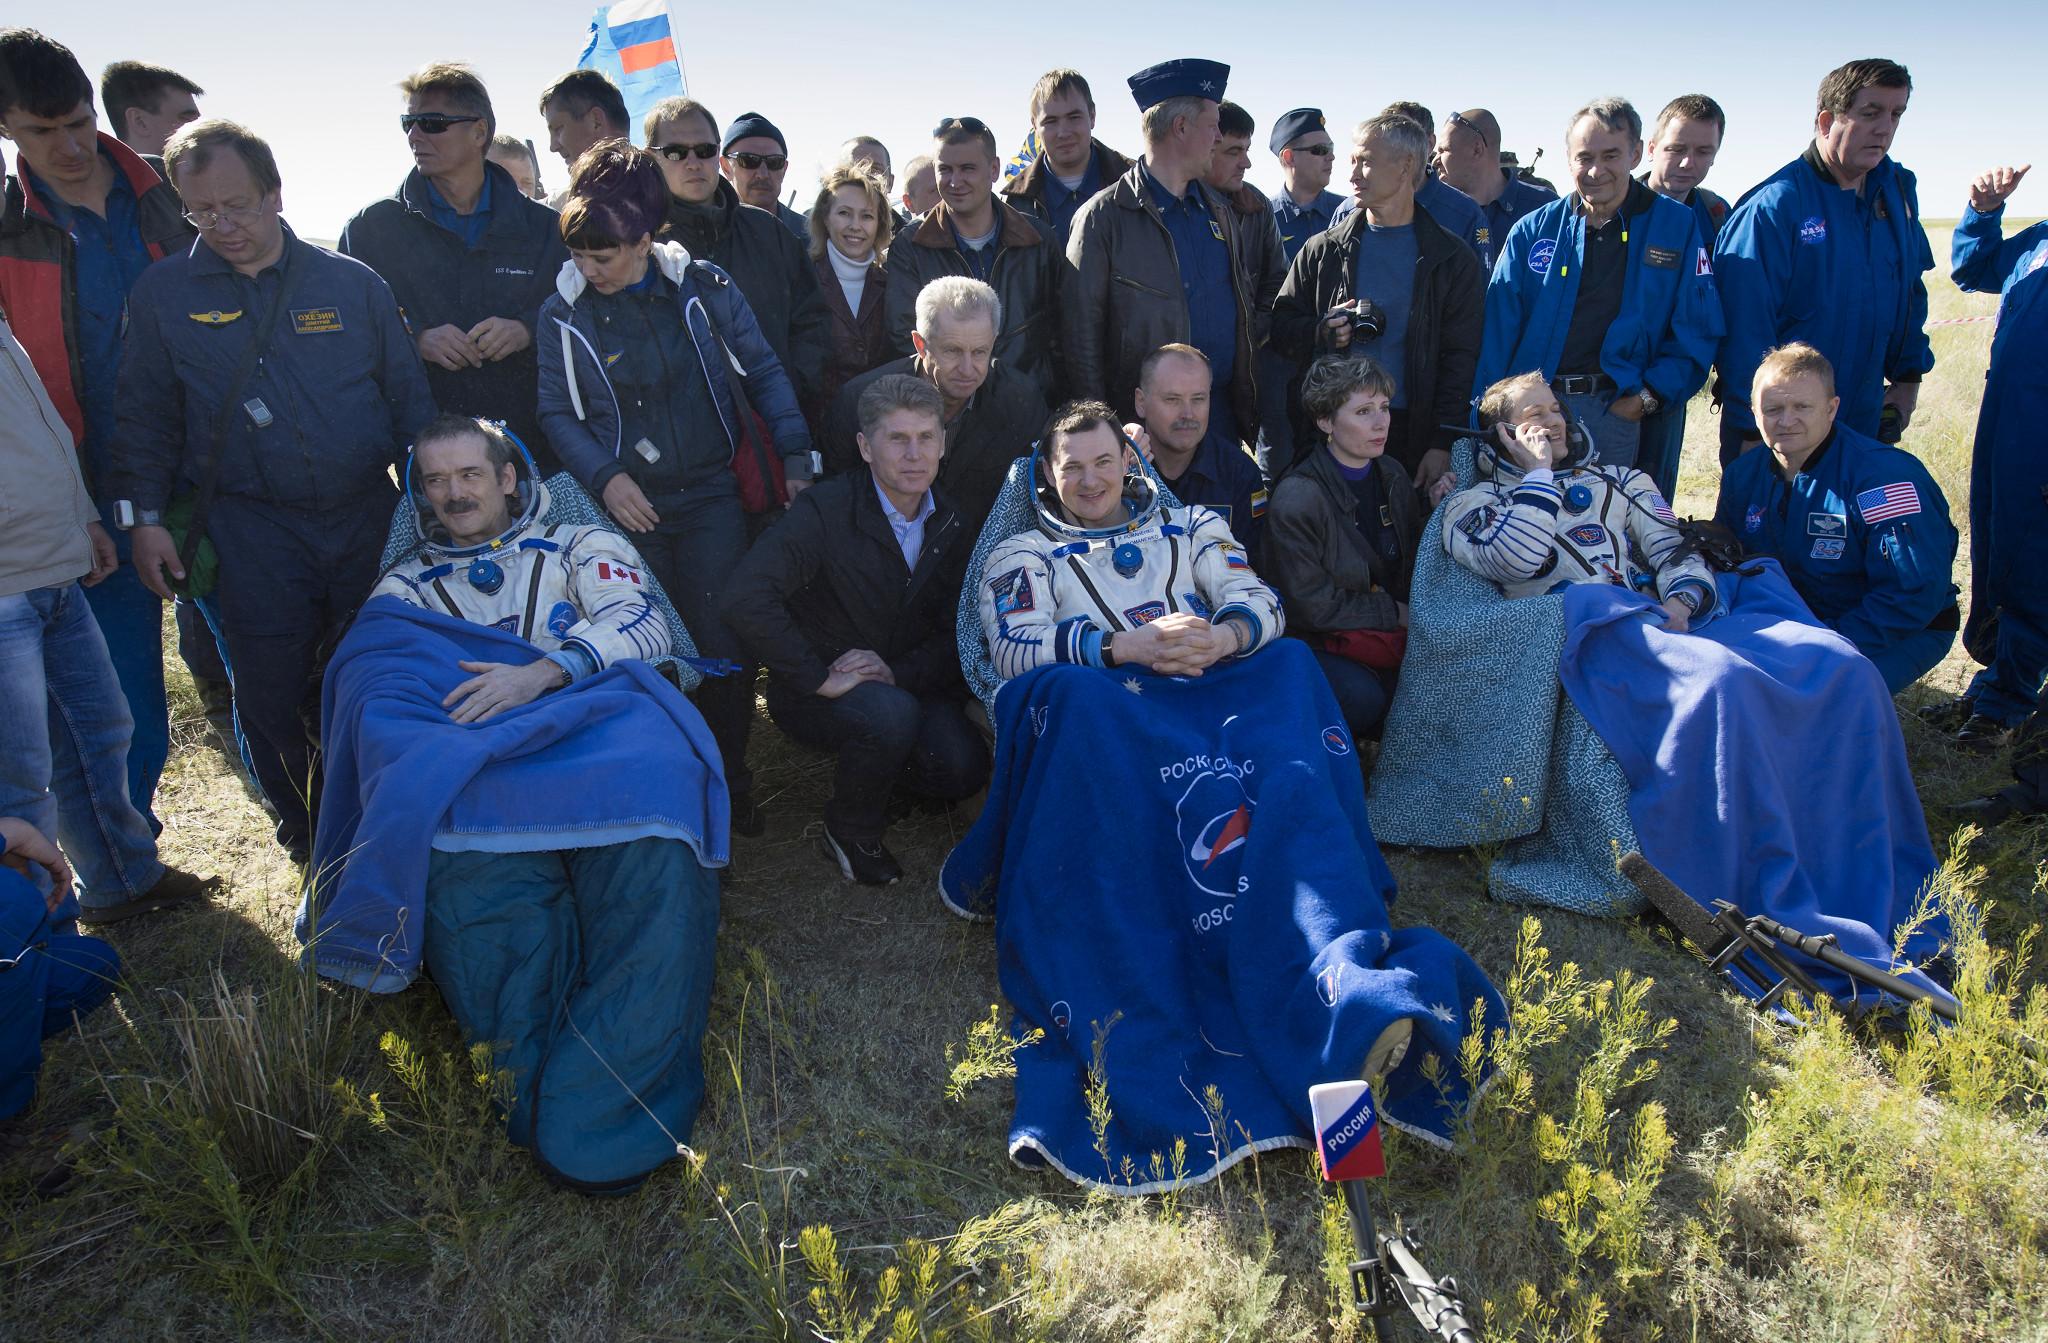 Gli astronauti della Expedition 35 Chris Hadfield, Roman Romanenko e Tom Marshburn fuori dalla capsula Soyuz TMA-07M poco dopo l'atterraggio. Fonte: NASA/Carla Cioffi